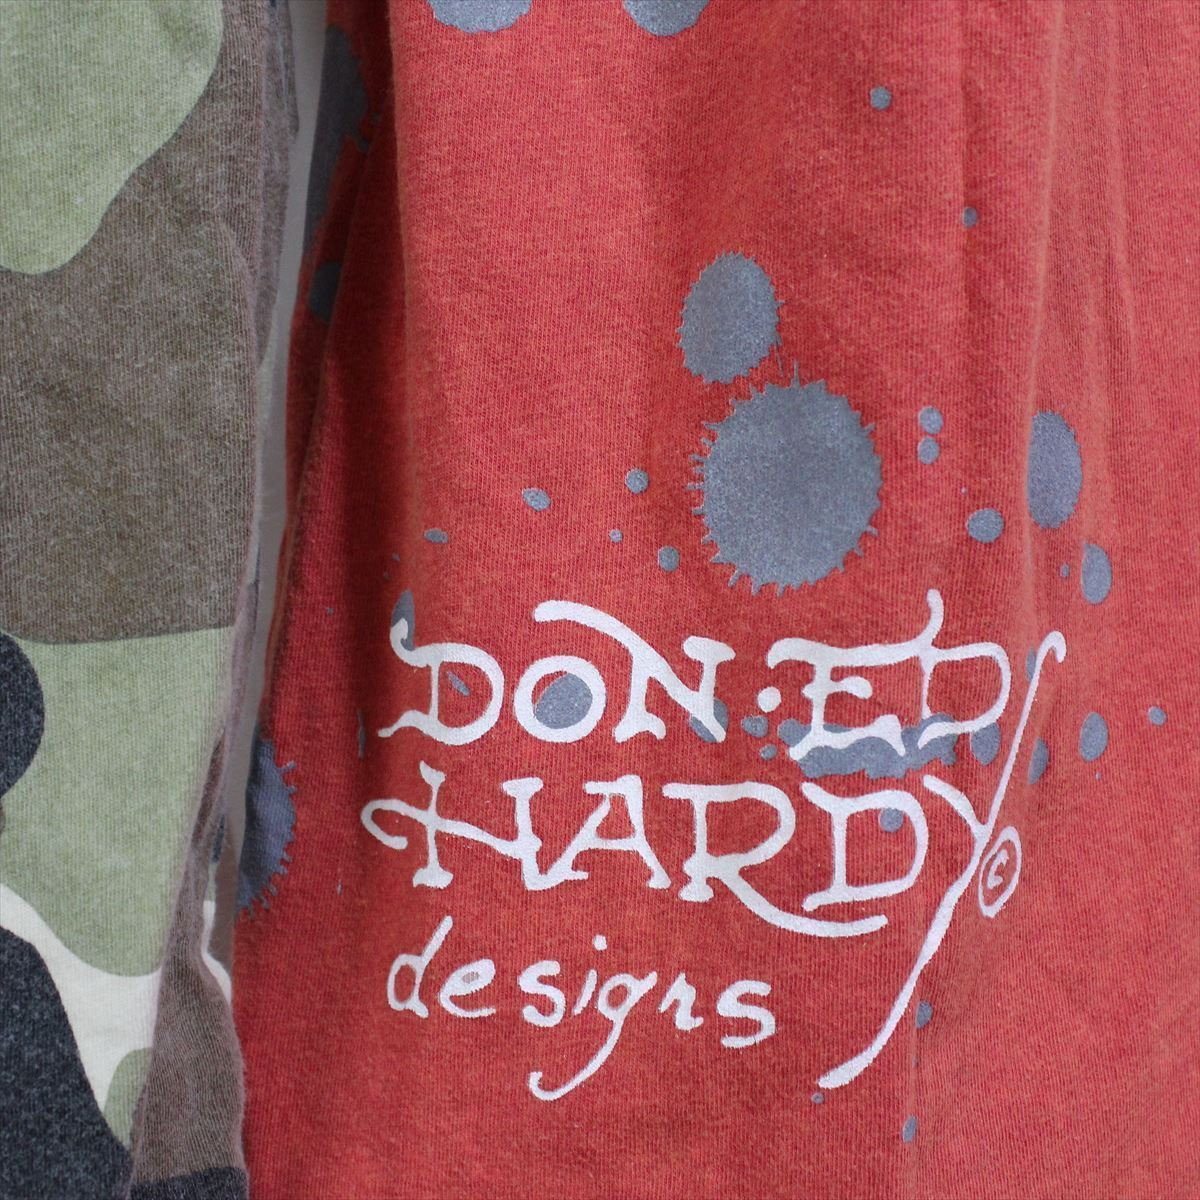 エドハーディー ED HARDY メンズダブルスリーブTシャツ レッド Lサイズ M03VDS005 新品 長袖_画像3